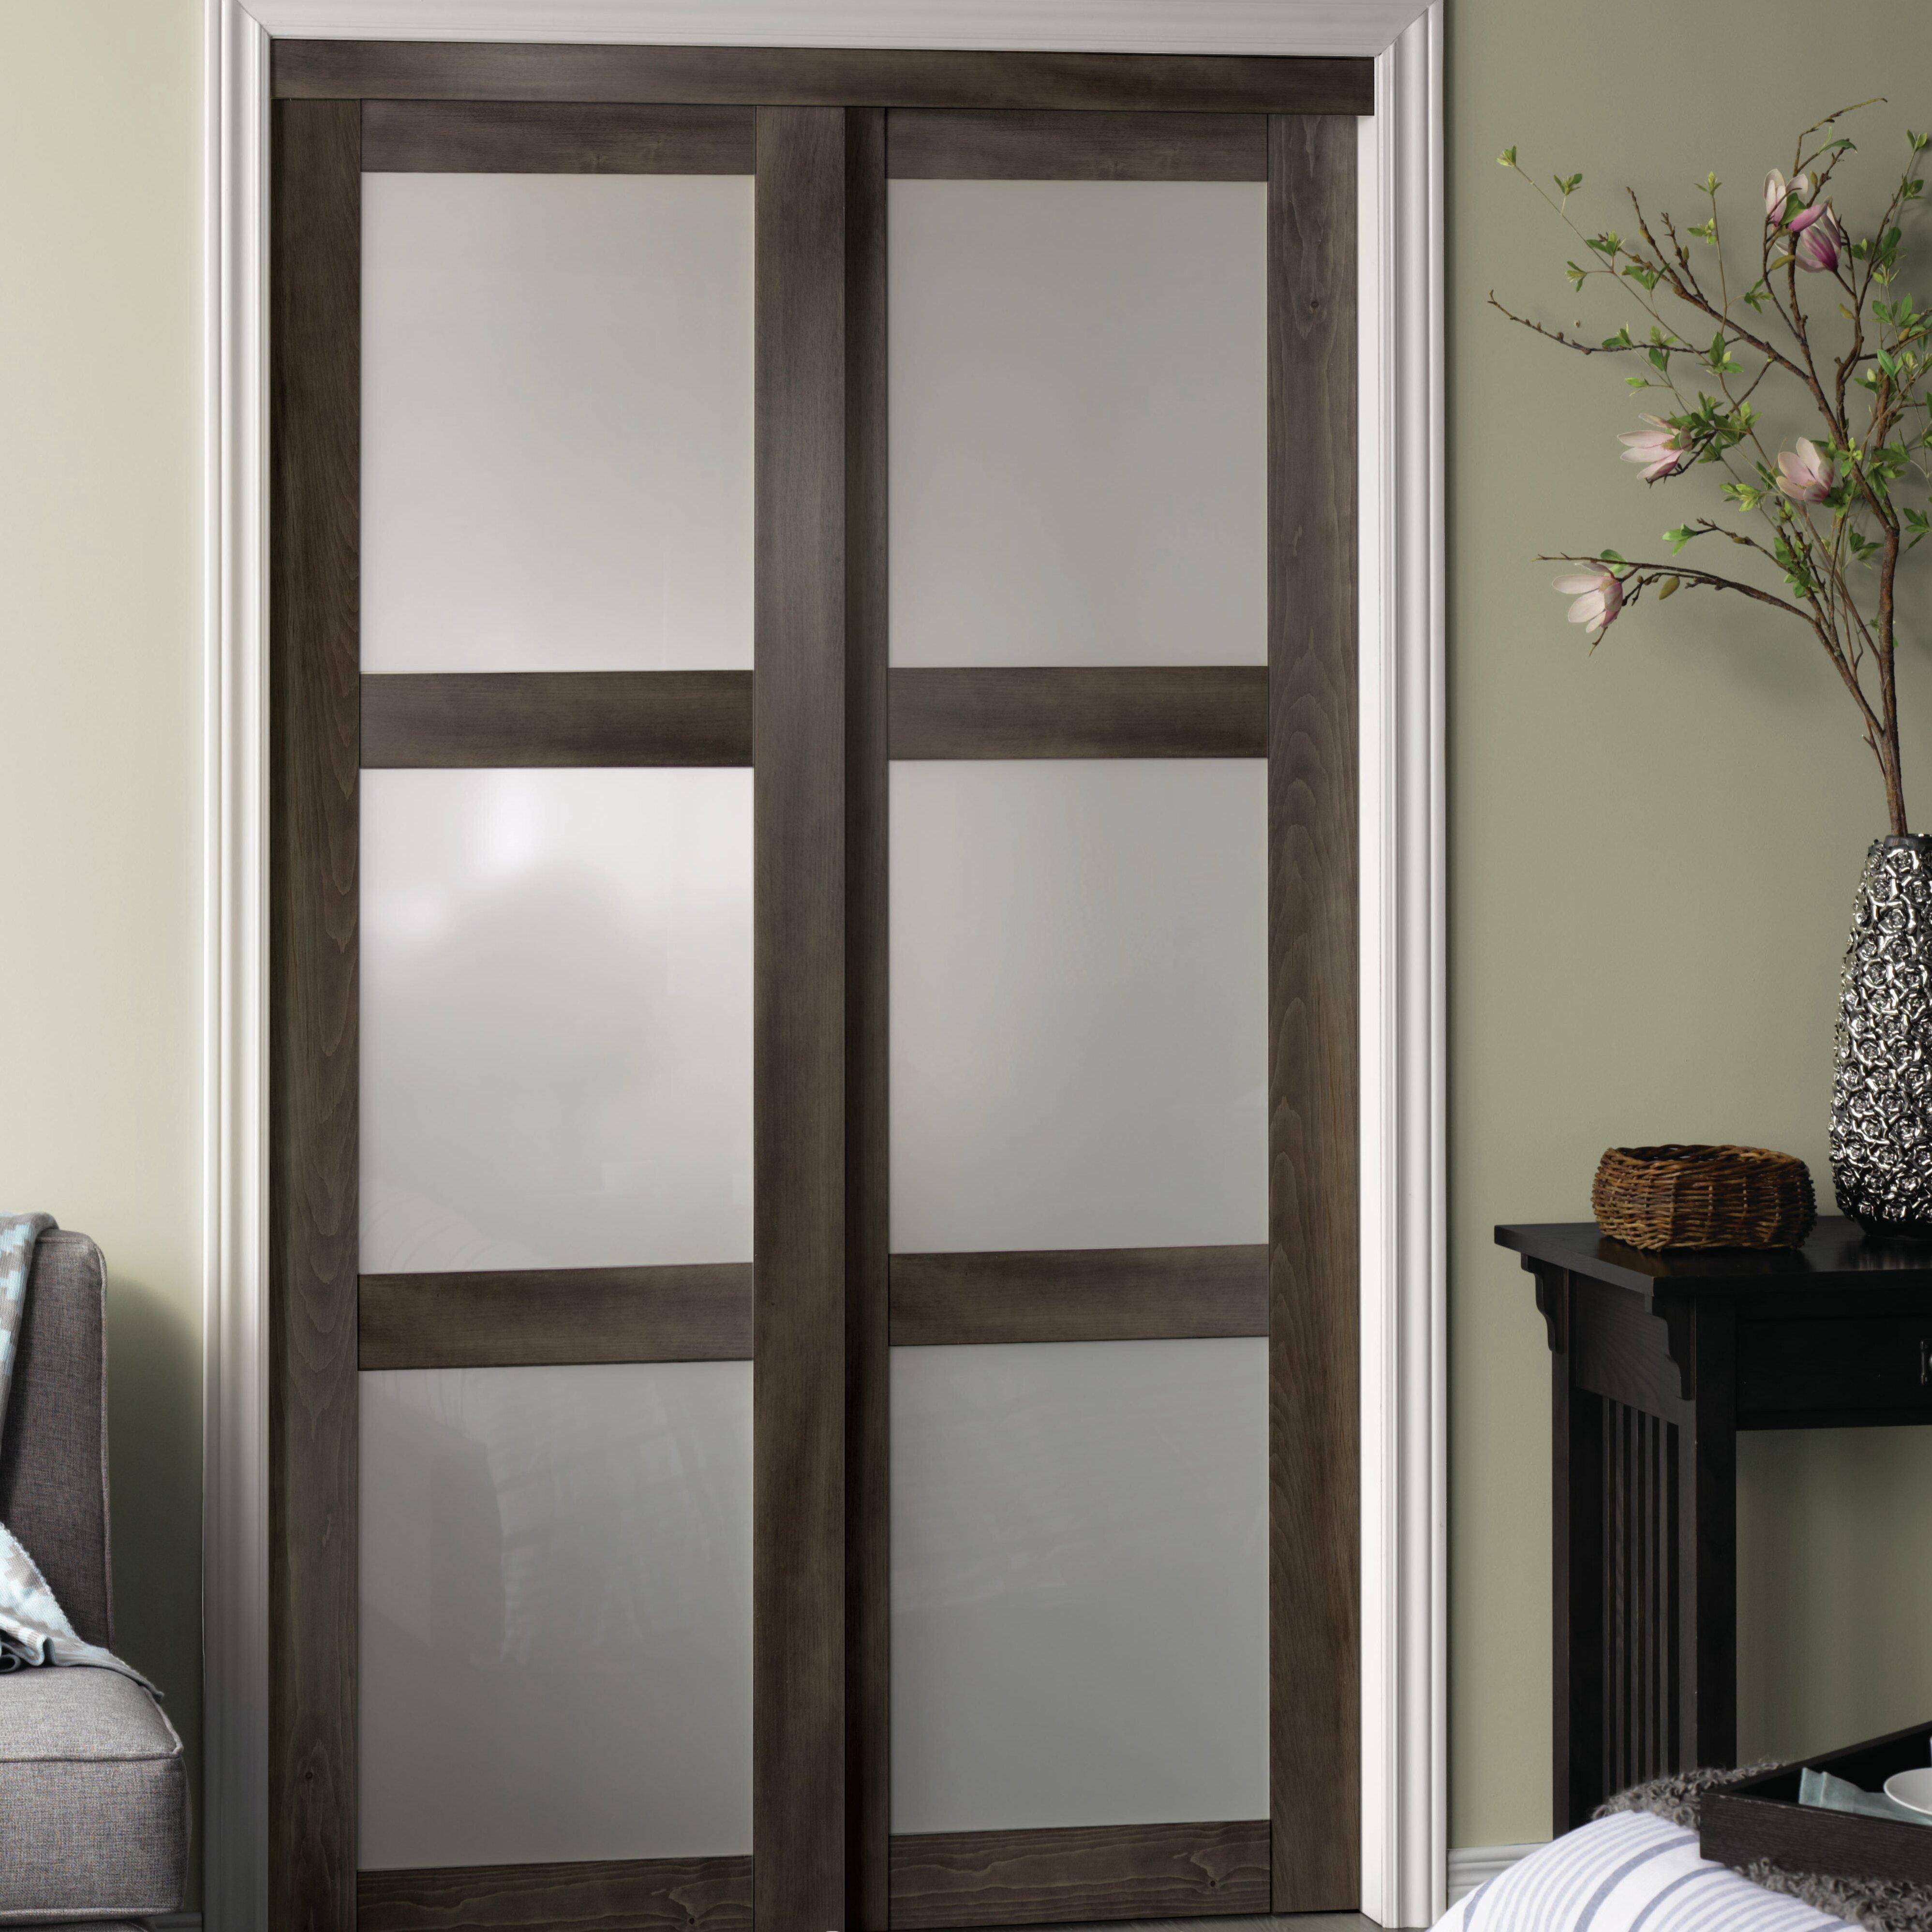 Erias Home Designs Baldarario Gl Sliding Closet Doors Reviews Wayfair